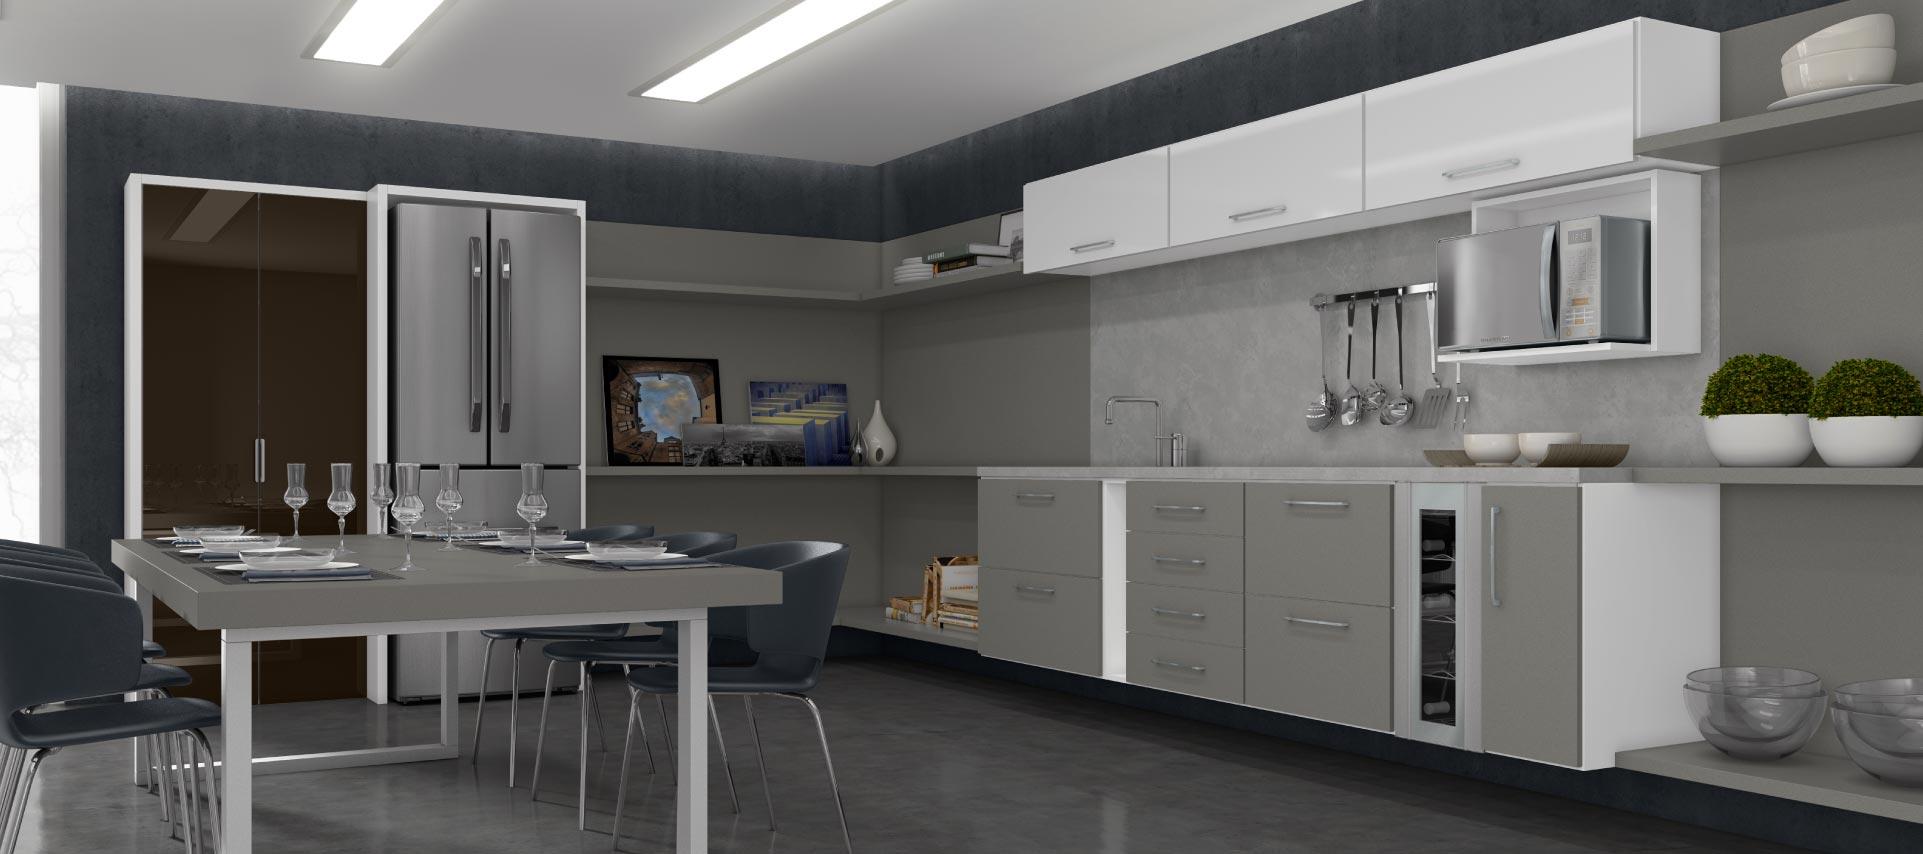 http://www.decor8planejados.com.br/wp-content/uploads/2016/03/cozinha-planejada-moveis-planejados-decor8.jpg